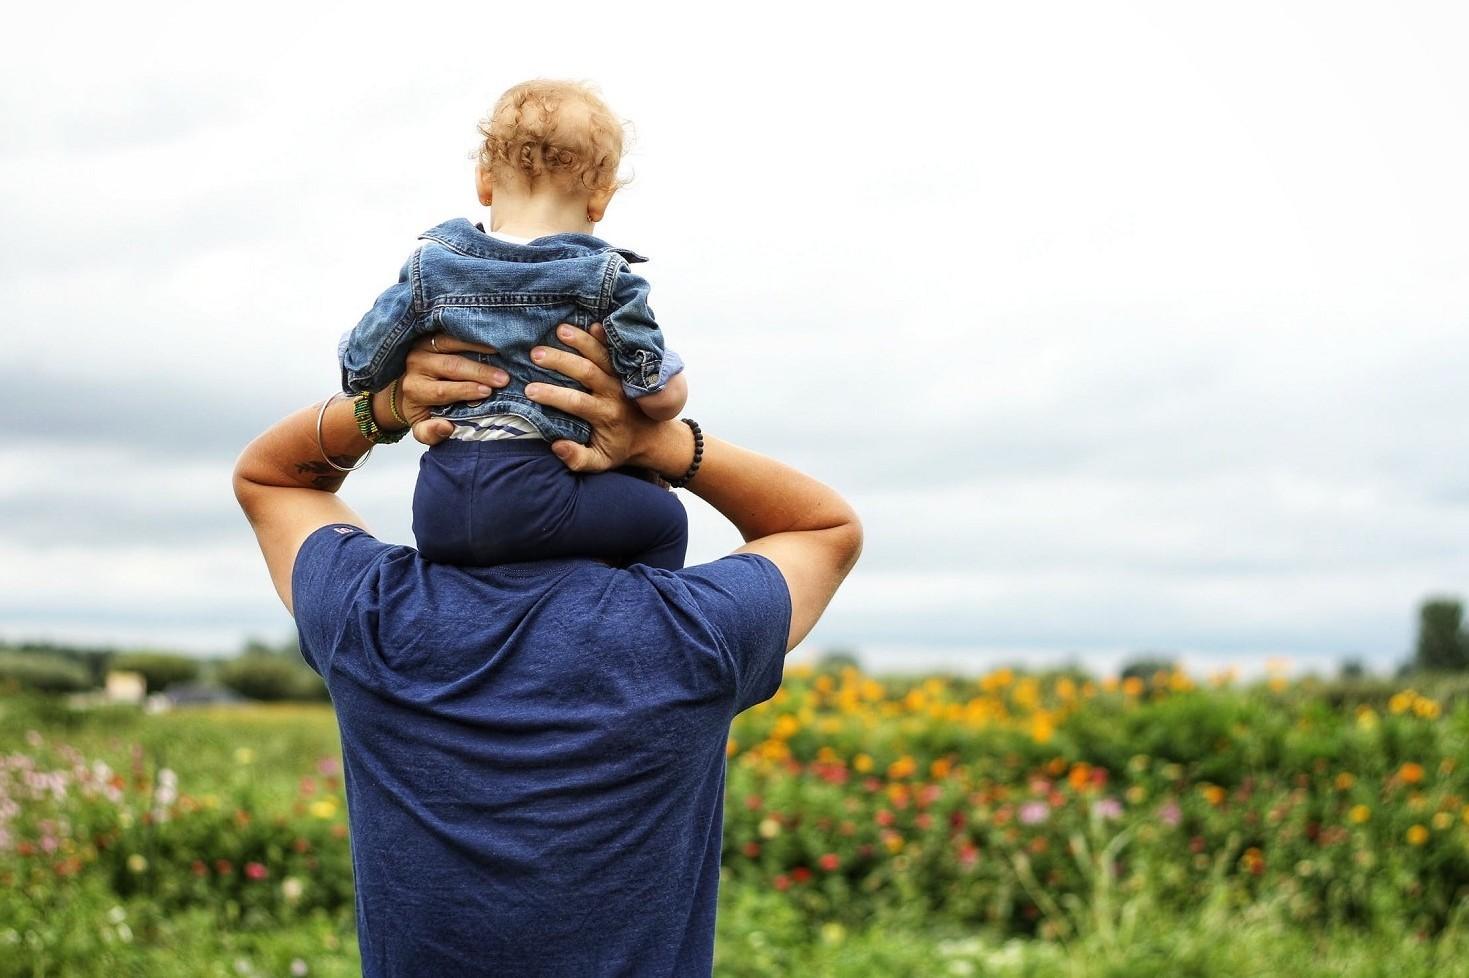 Congedo paternità 2020, come funziona con leggi e normativa in vigore